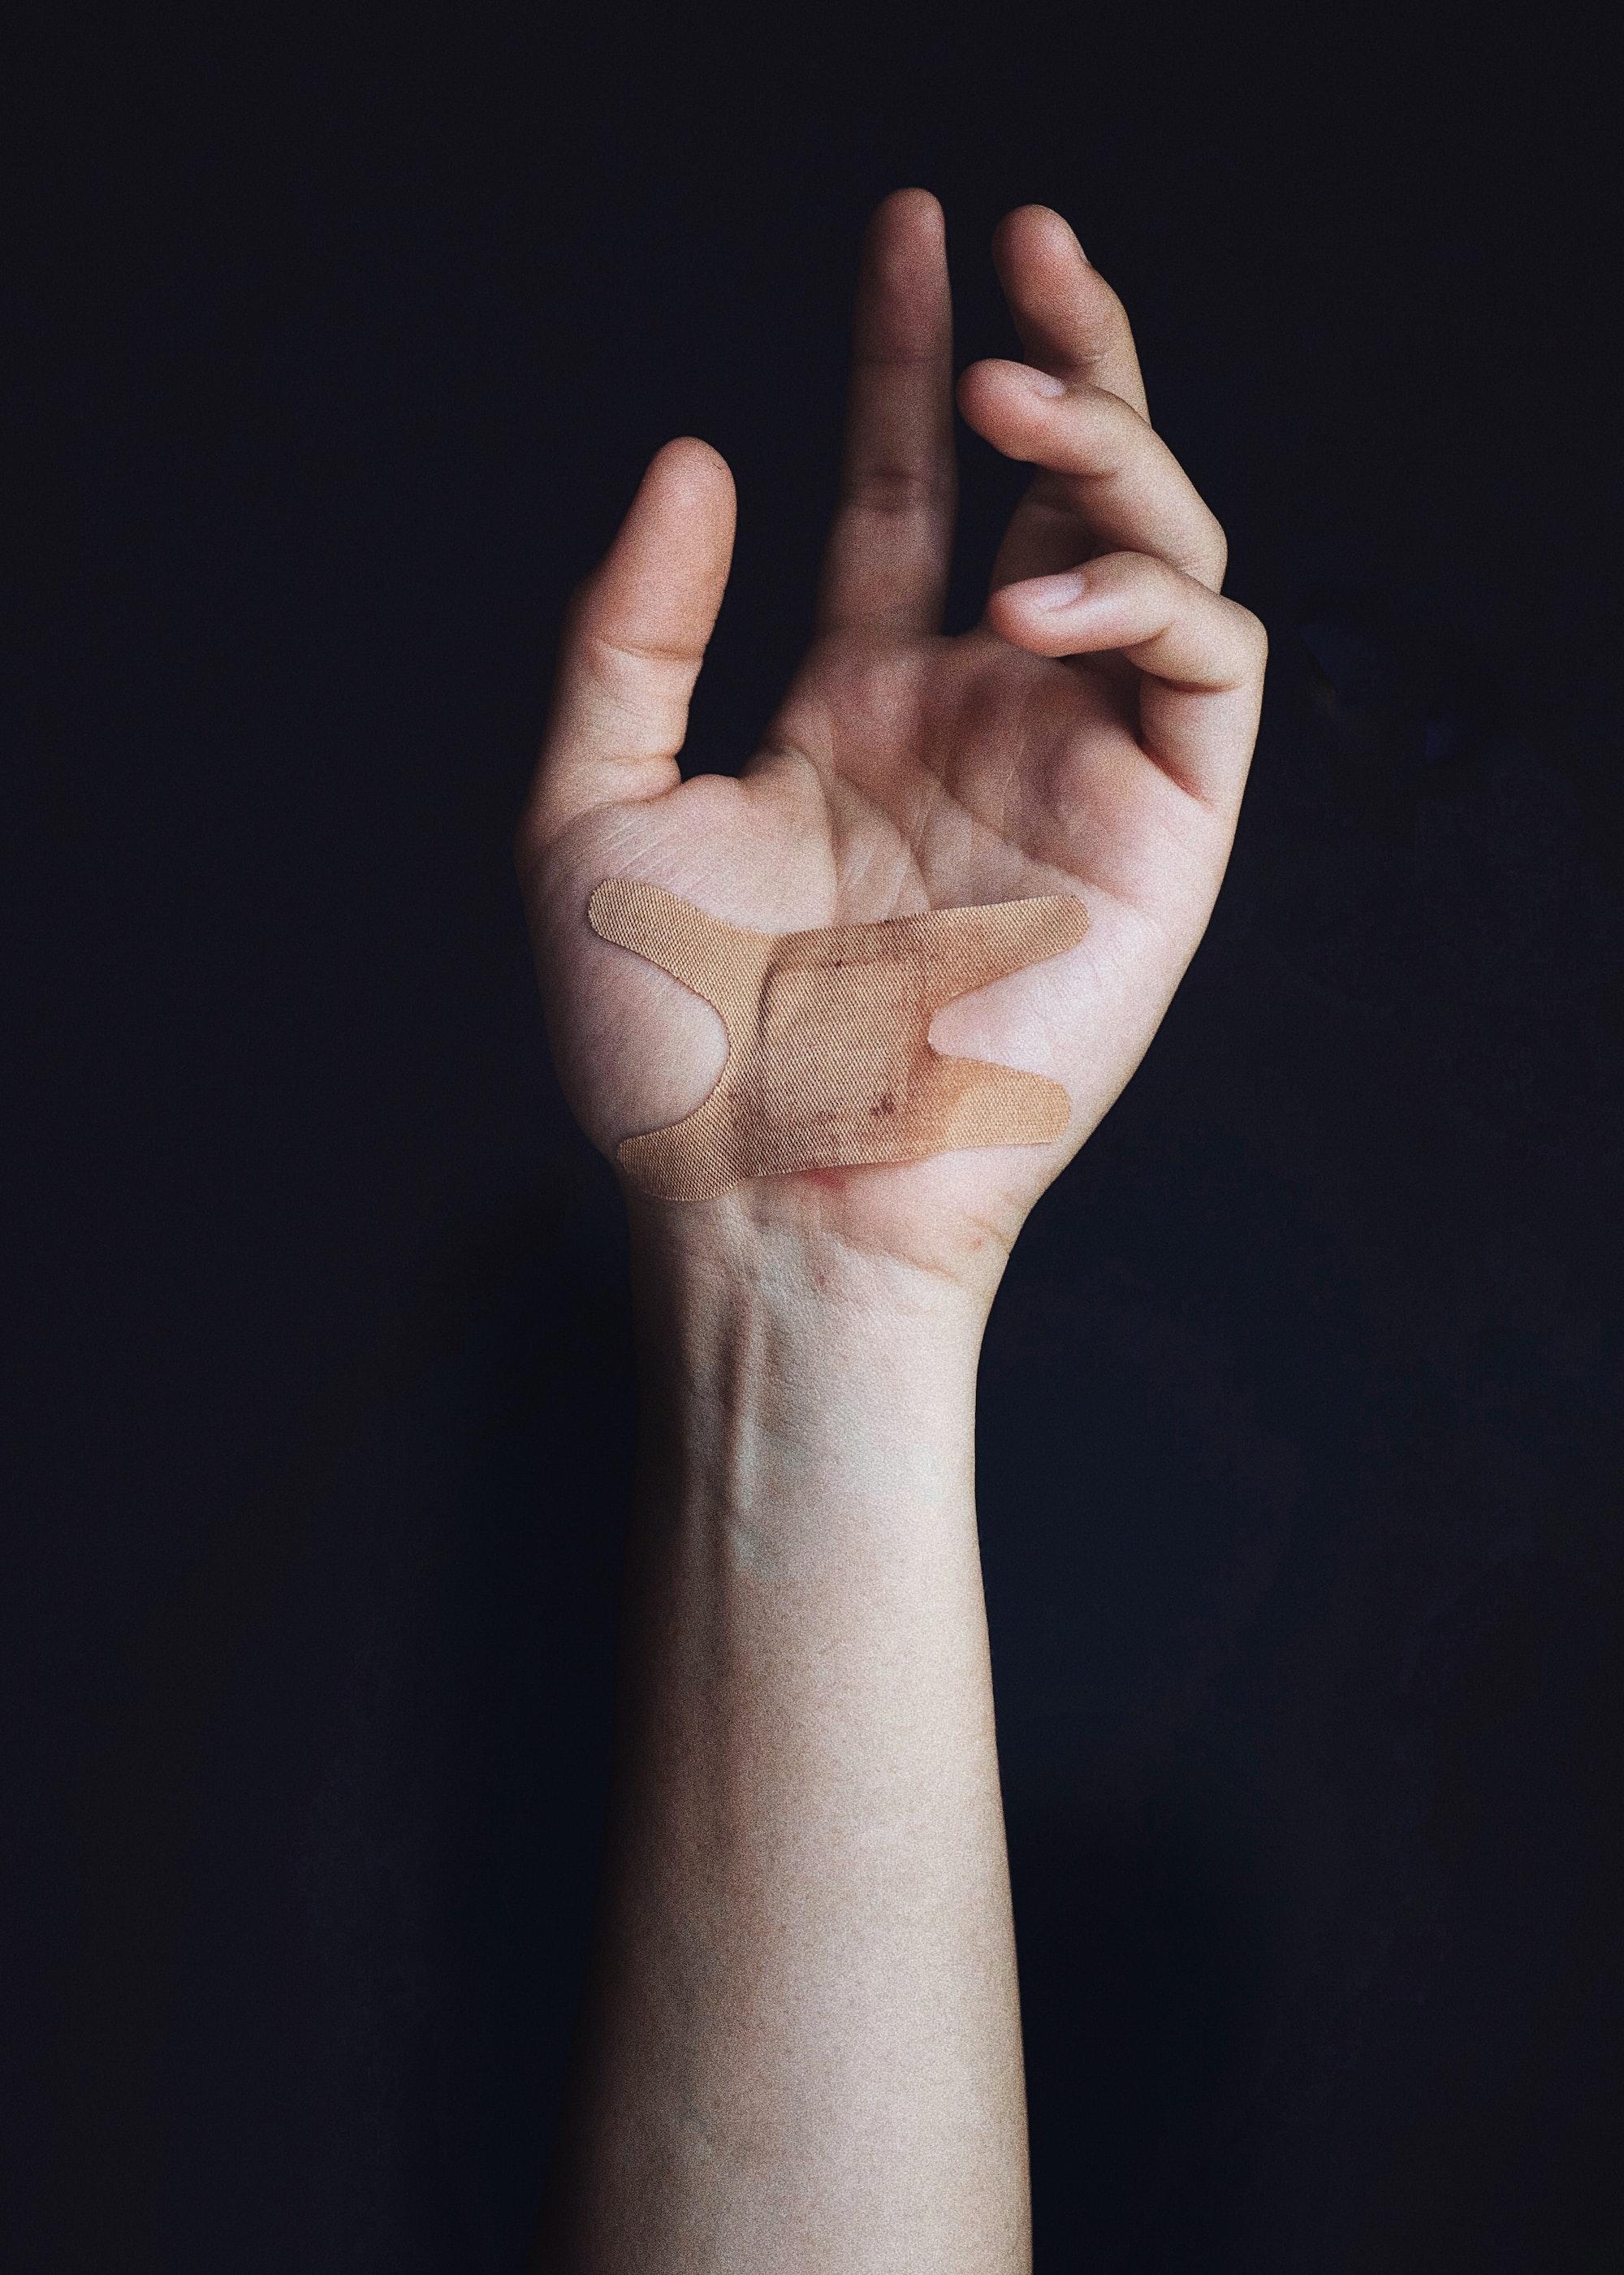 Hafif Yaralama Bulmaca Anlamı Nedir?